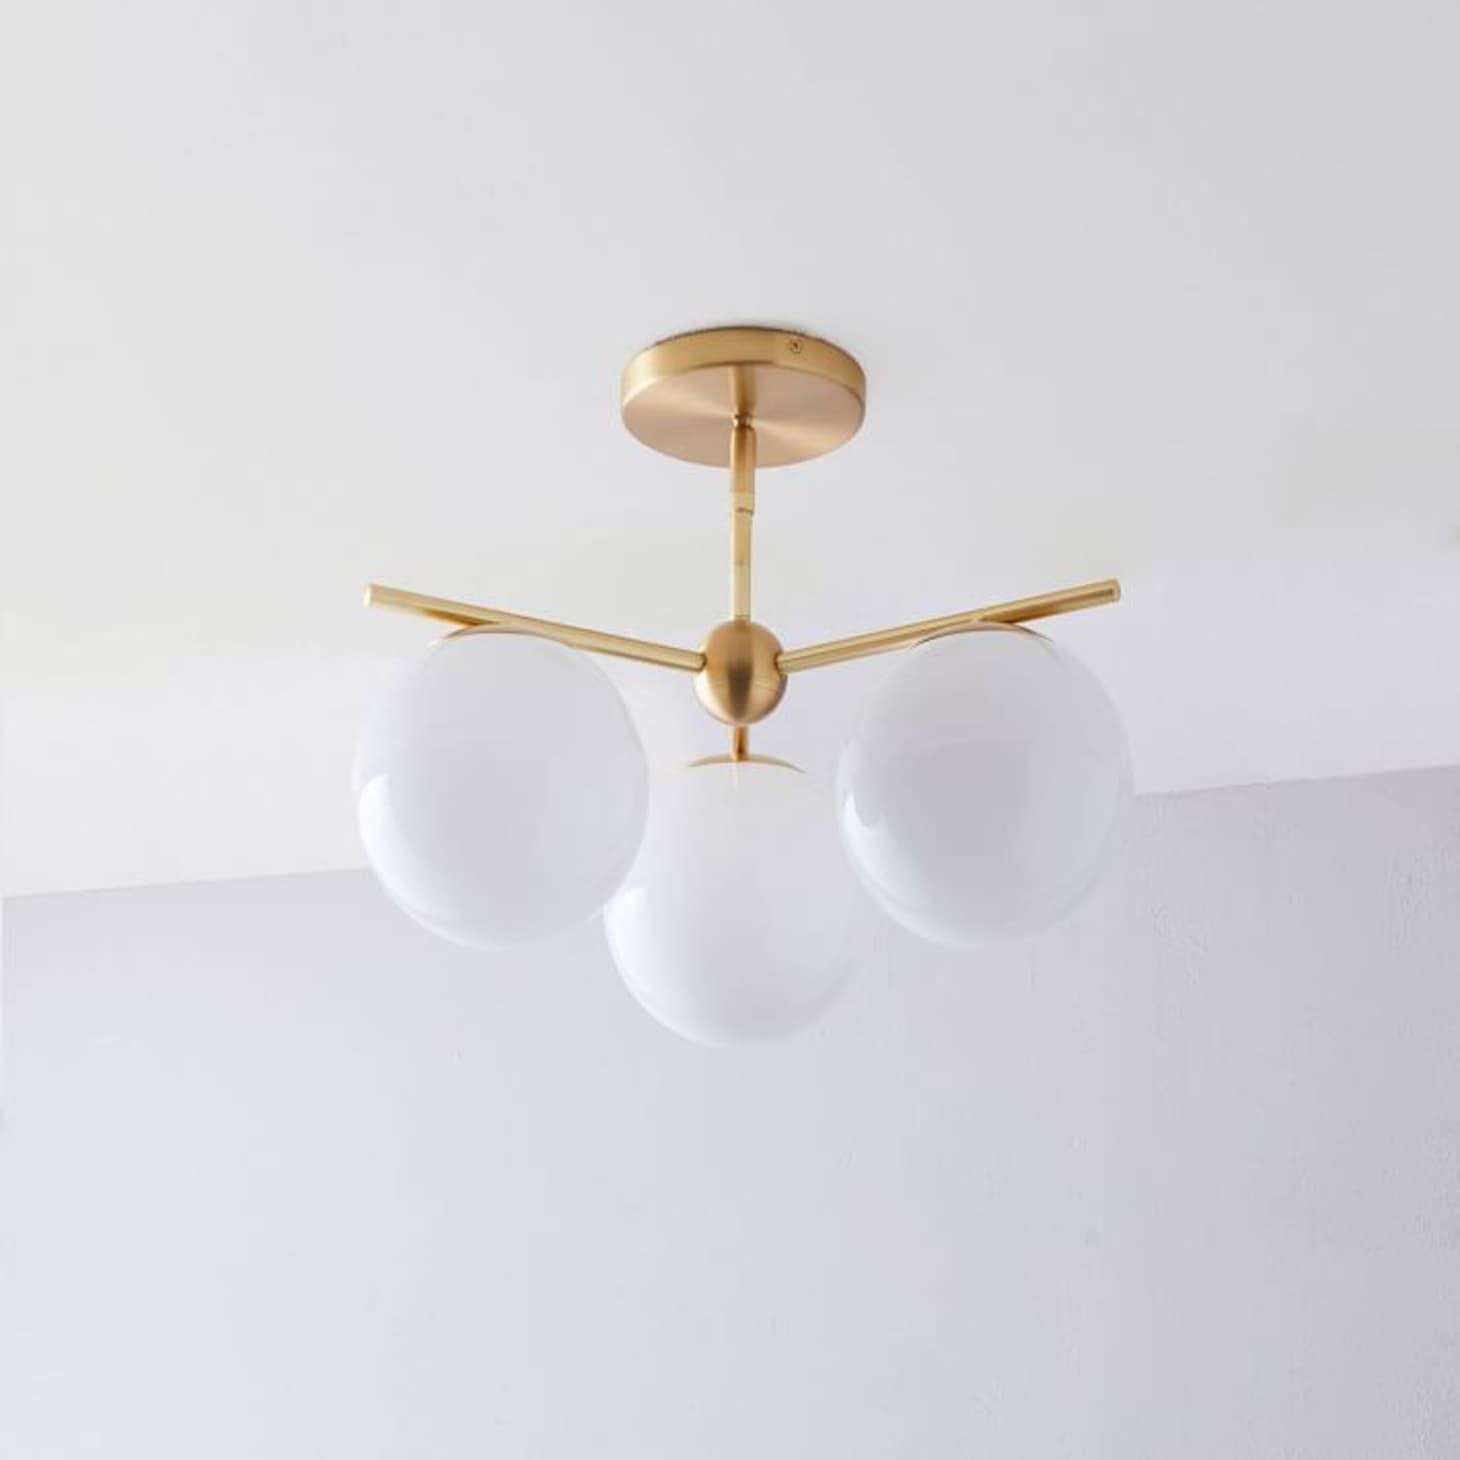 quality design 31af9 a893d Shopping Guide: Best Modern Flush-Mount Ceiling Light ...